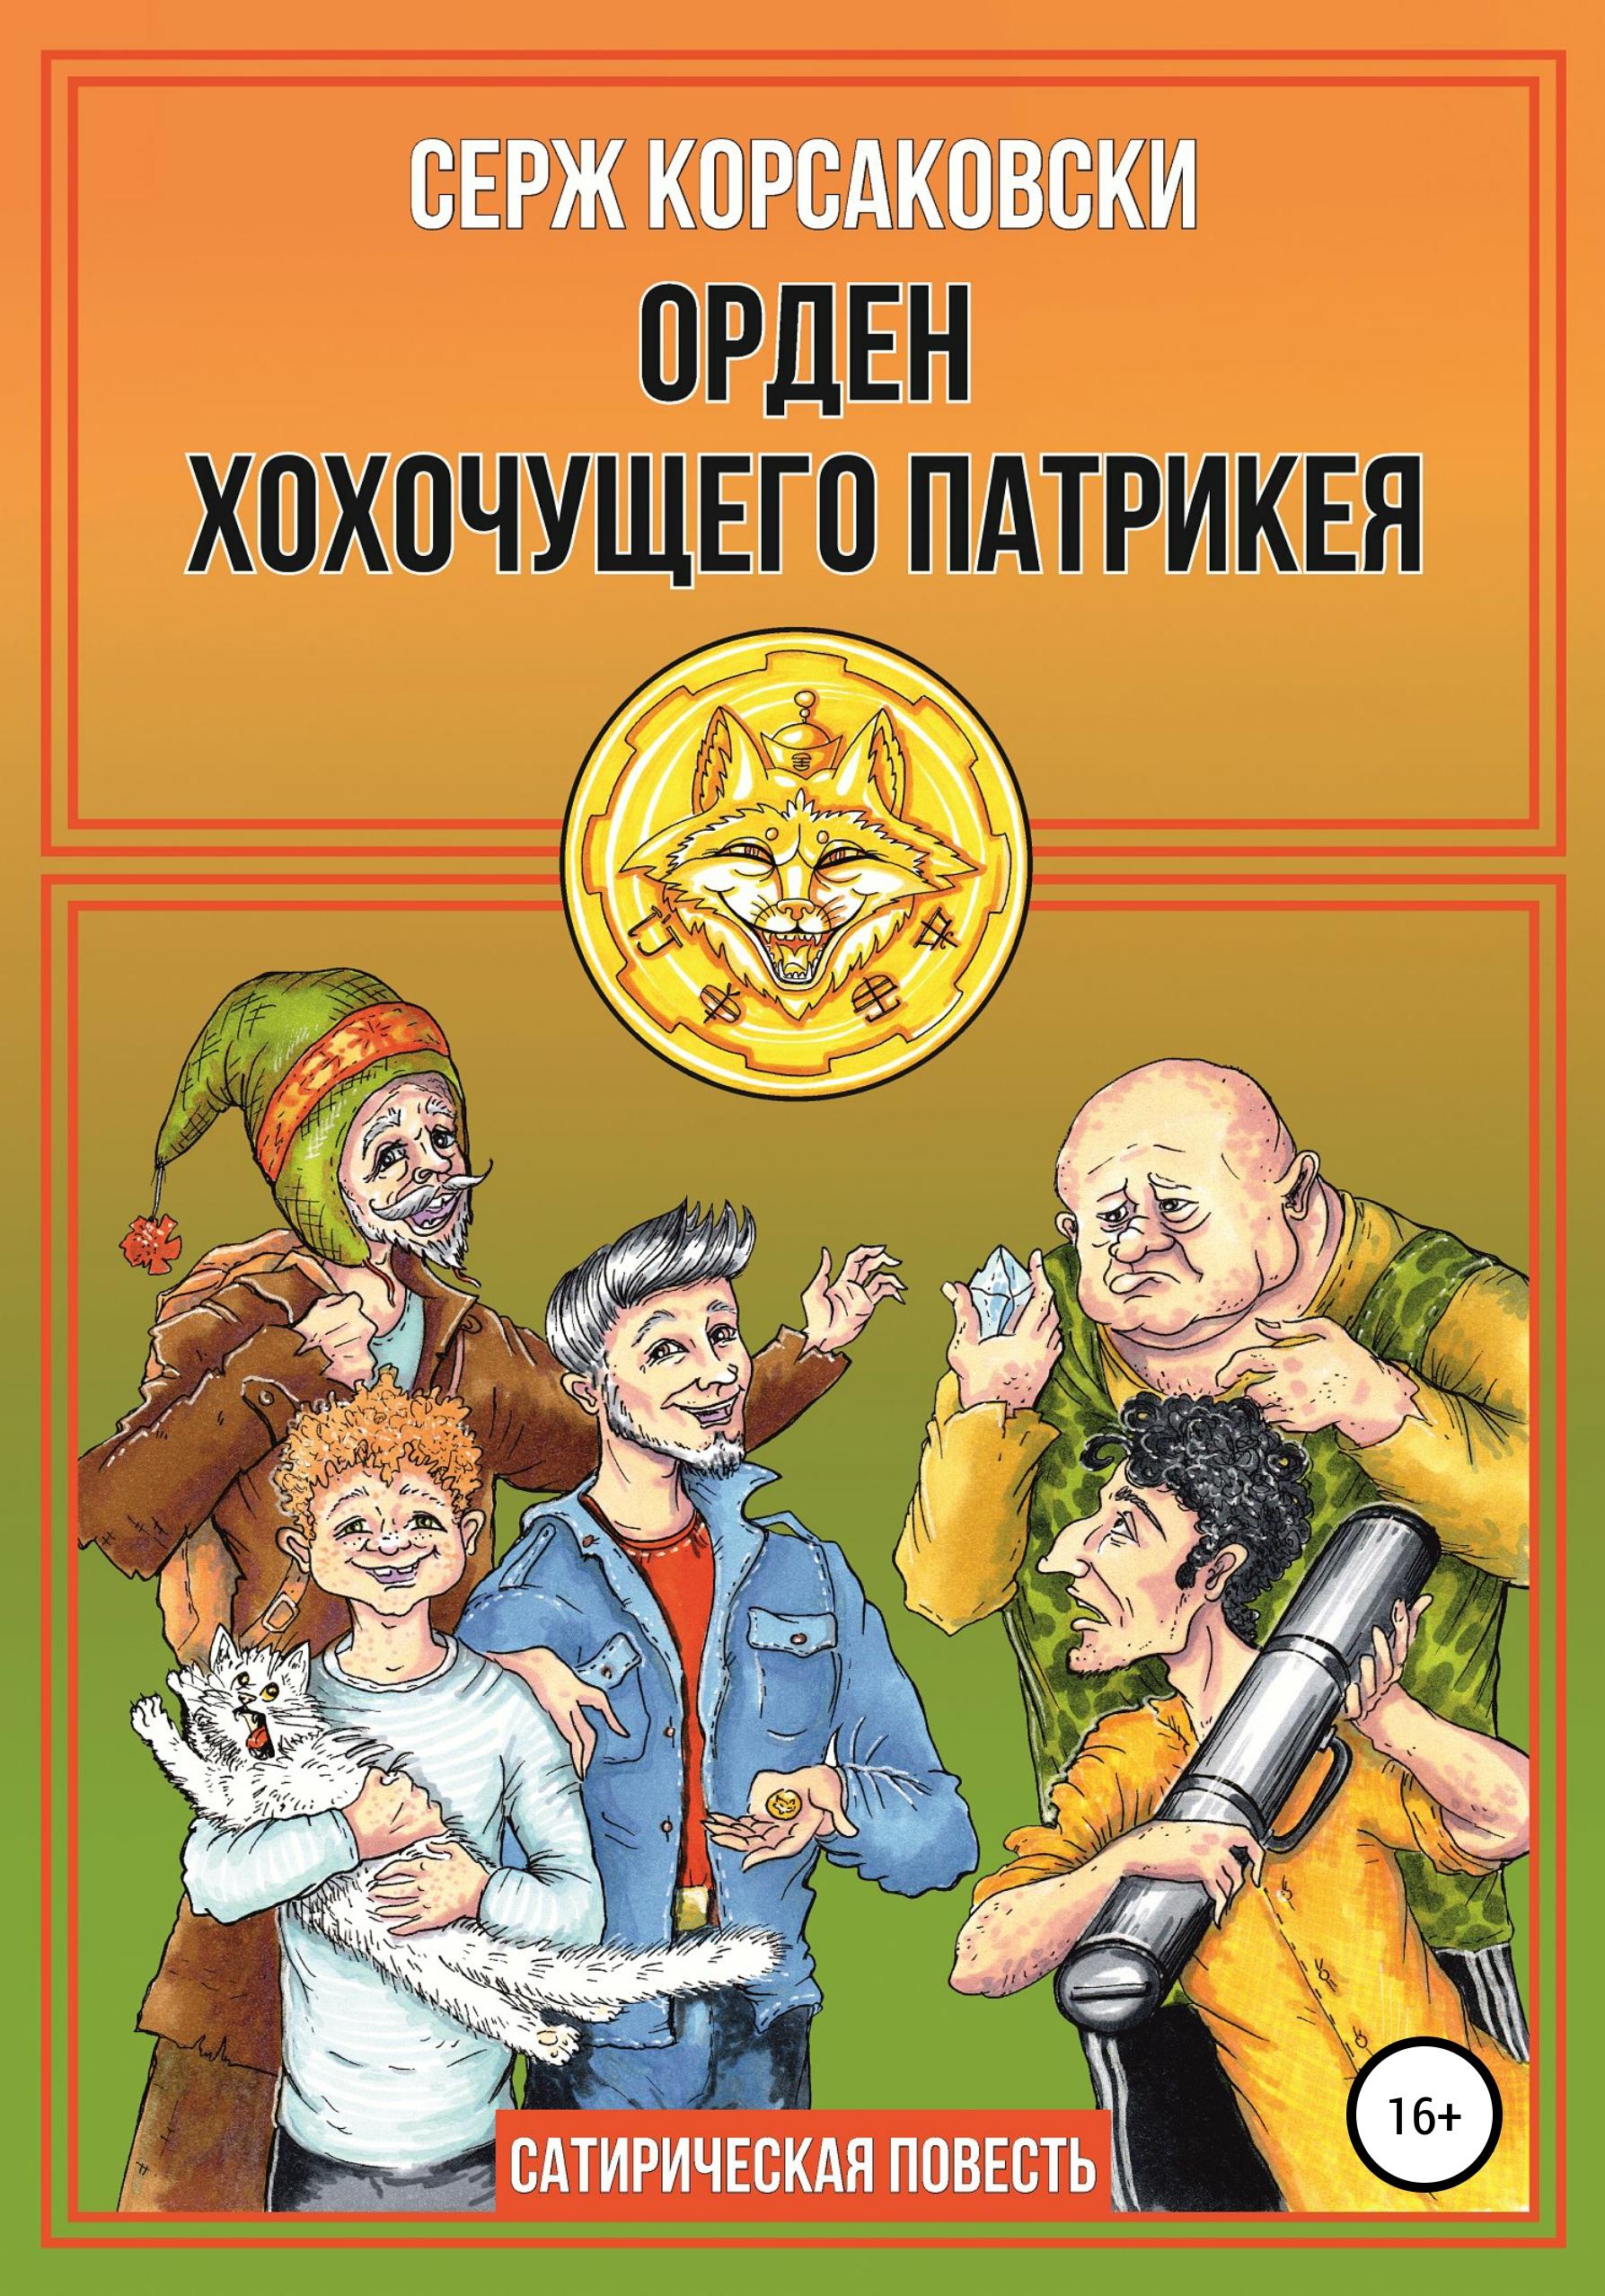 Купить книгу Орден с хохочущим Патрикеем, автора Сергея Александровича Беспалова